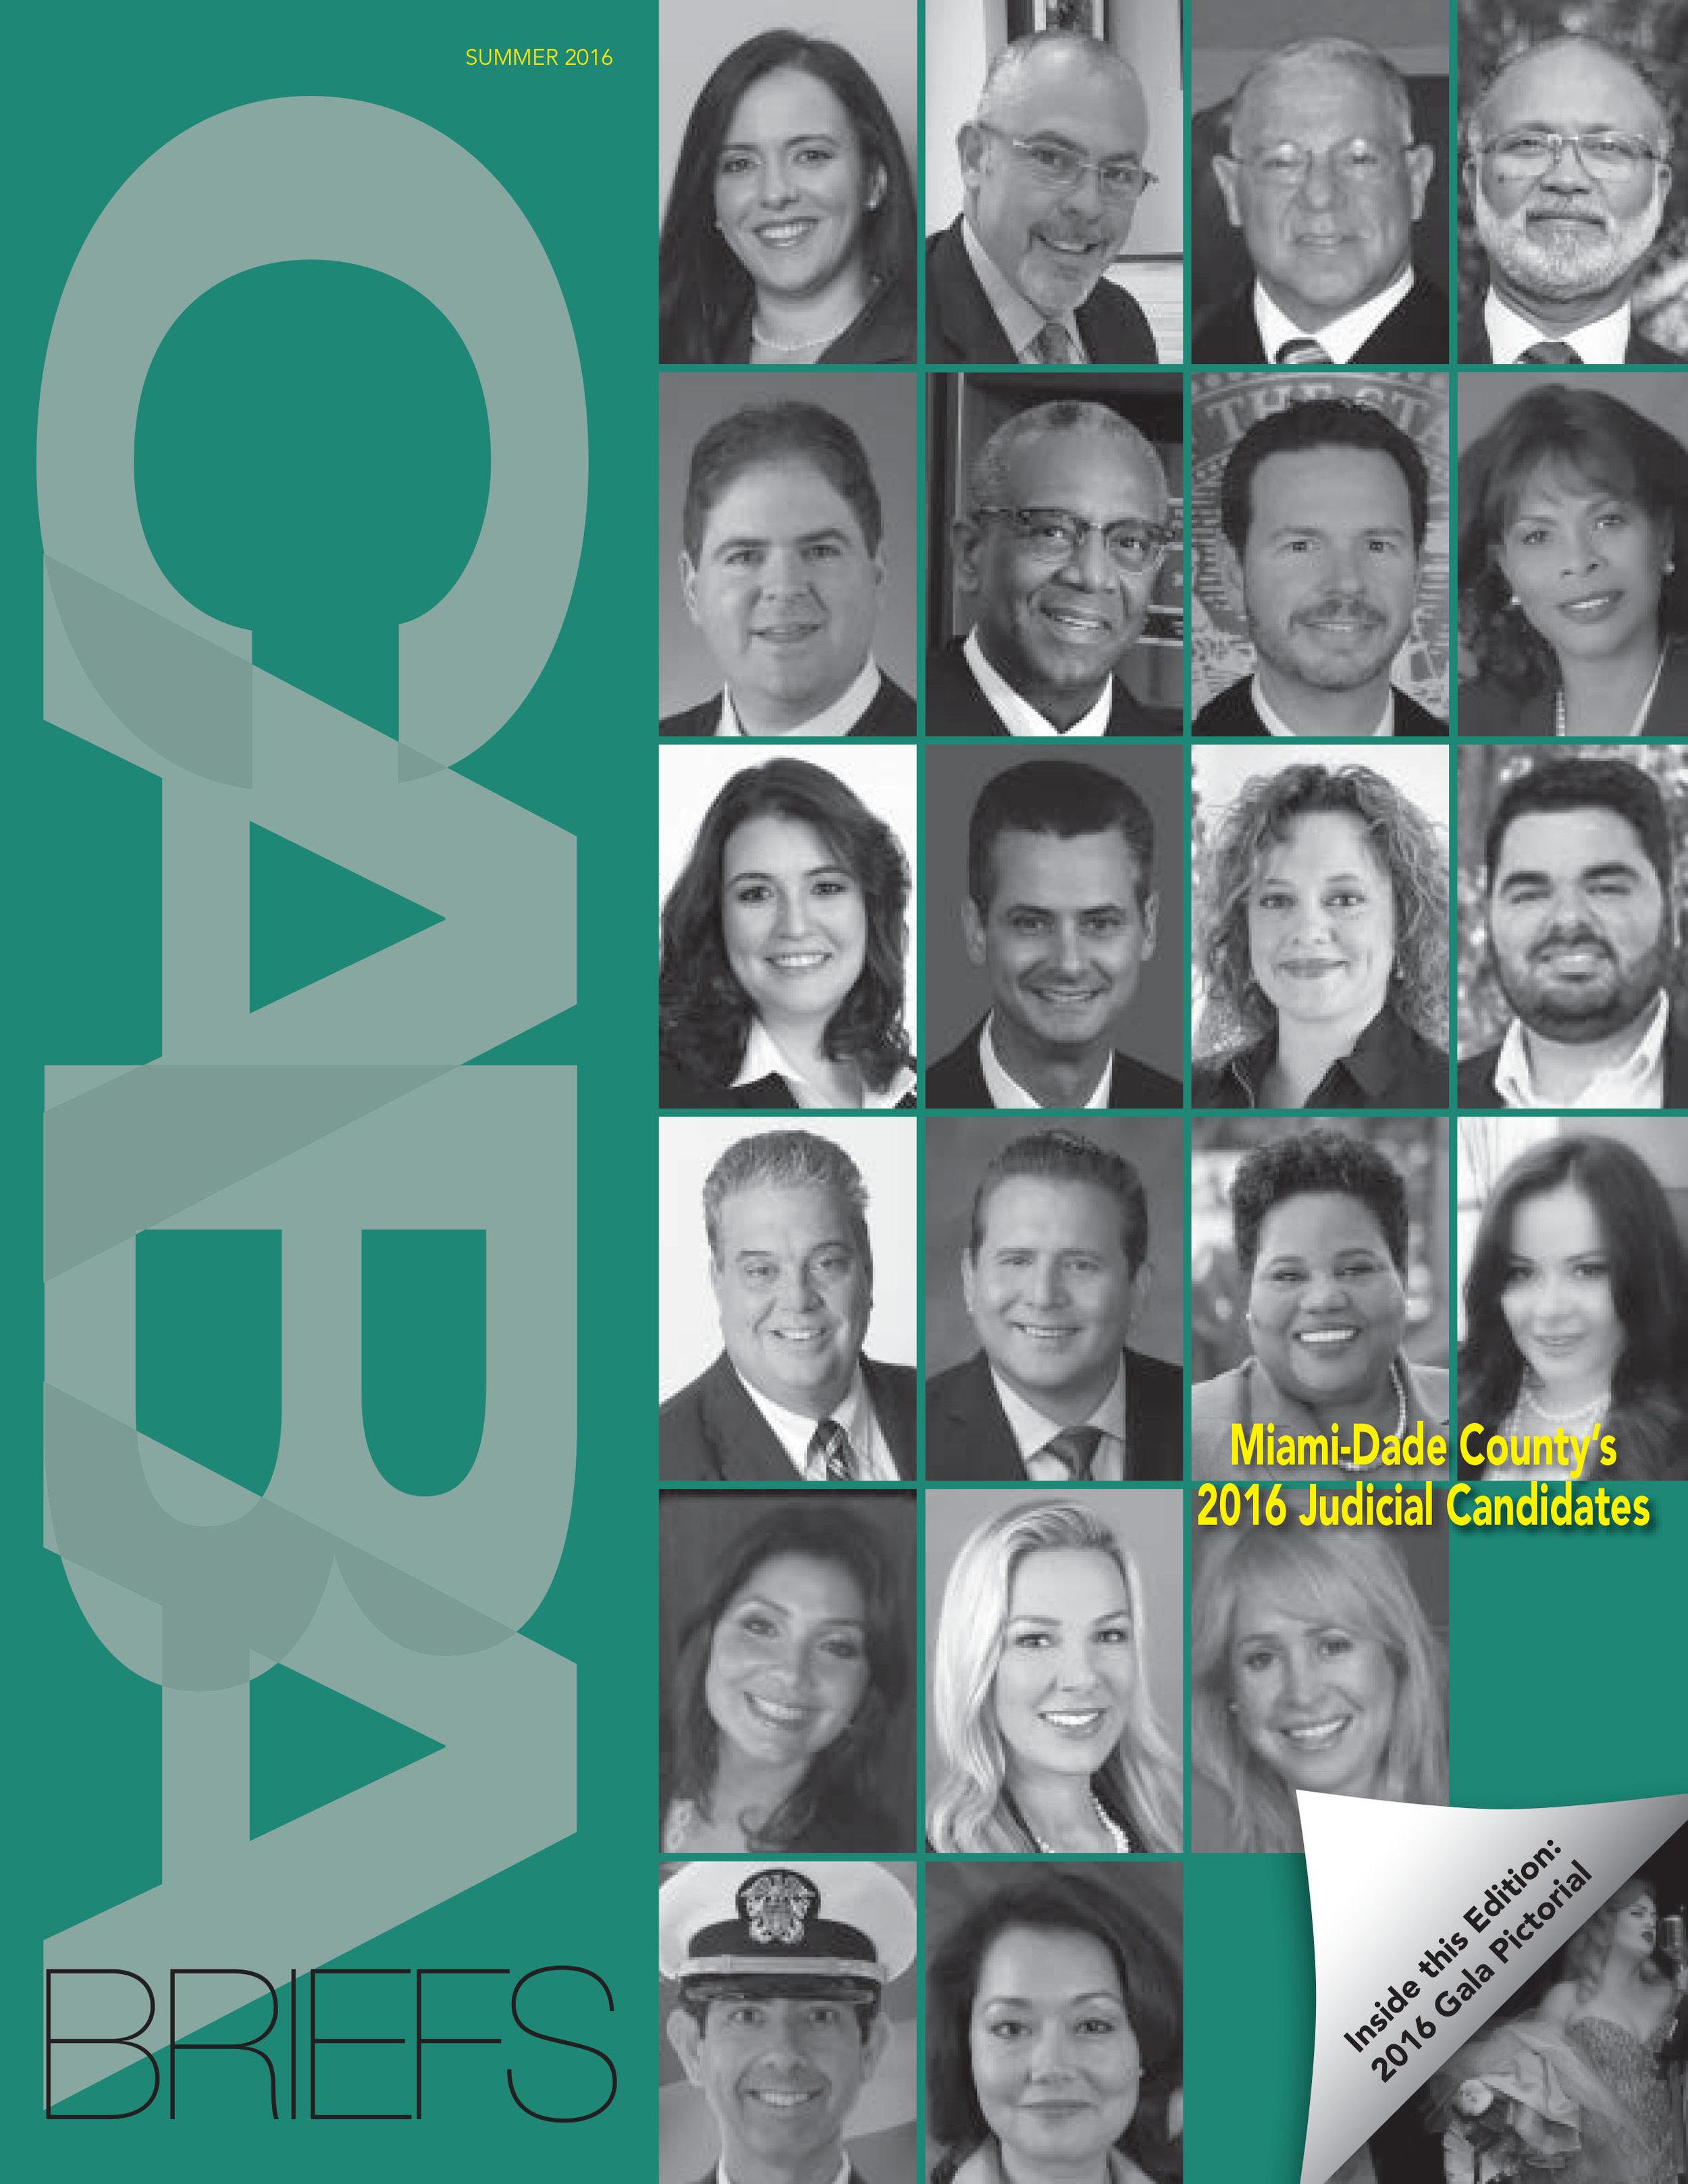 CABA_Briefs_Sum16_Issue1 1.jpg